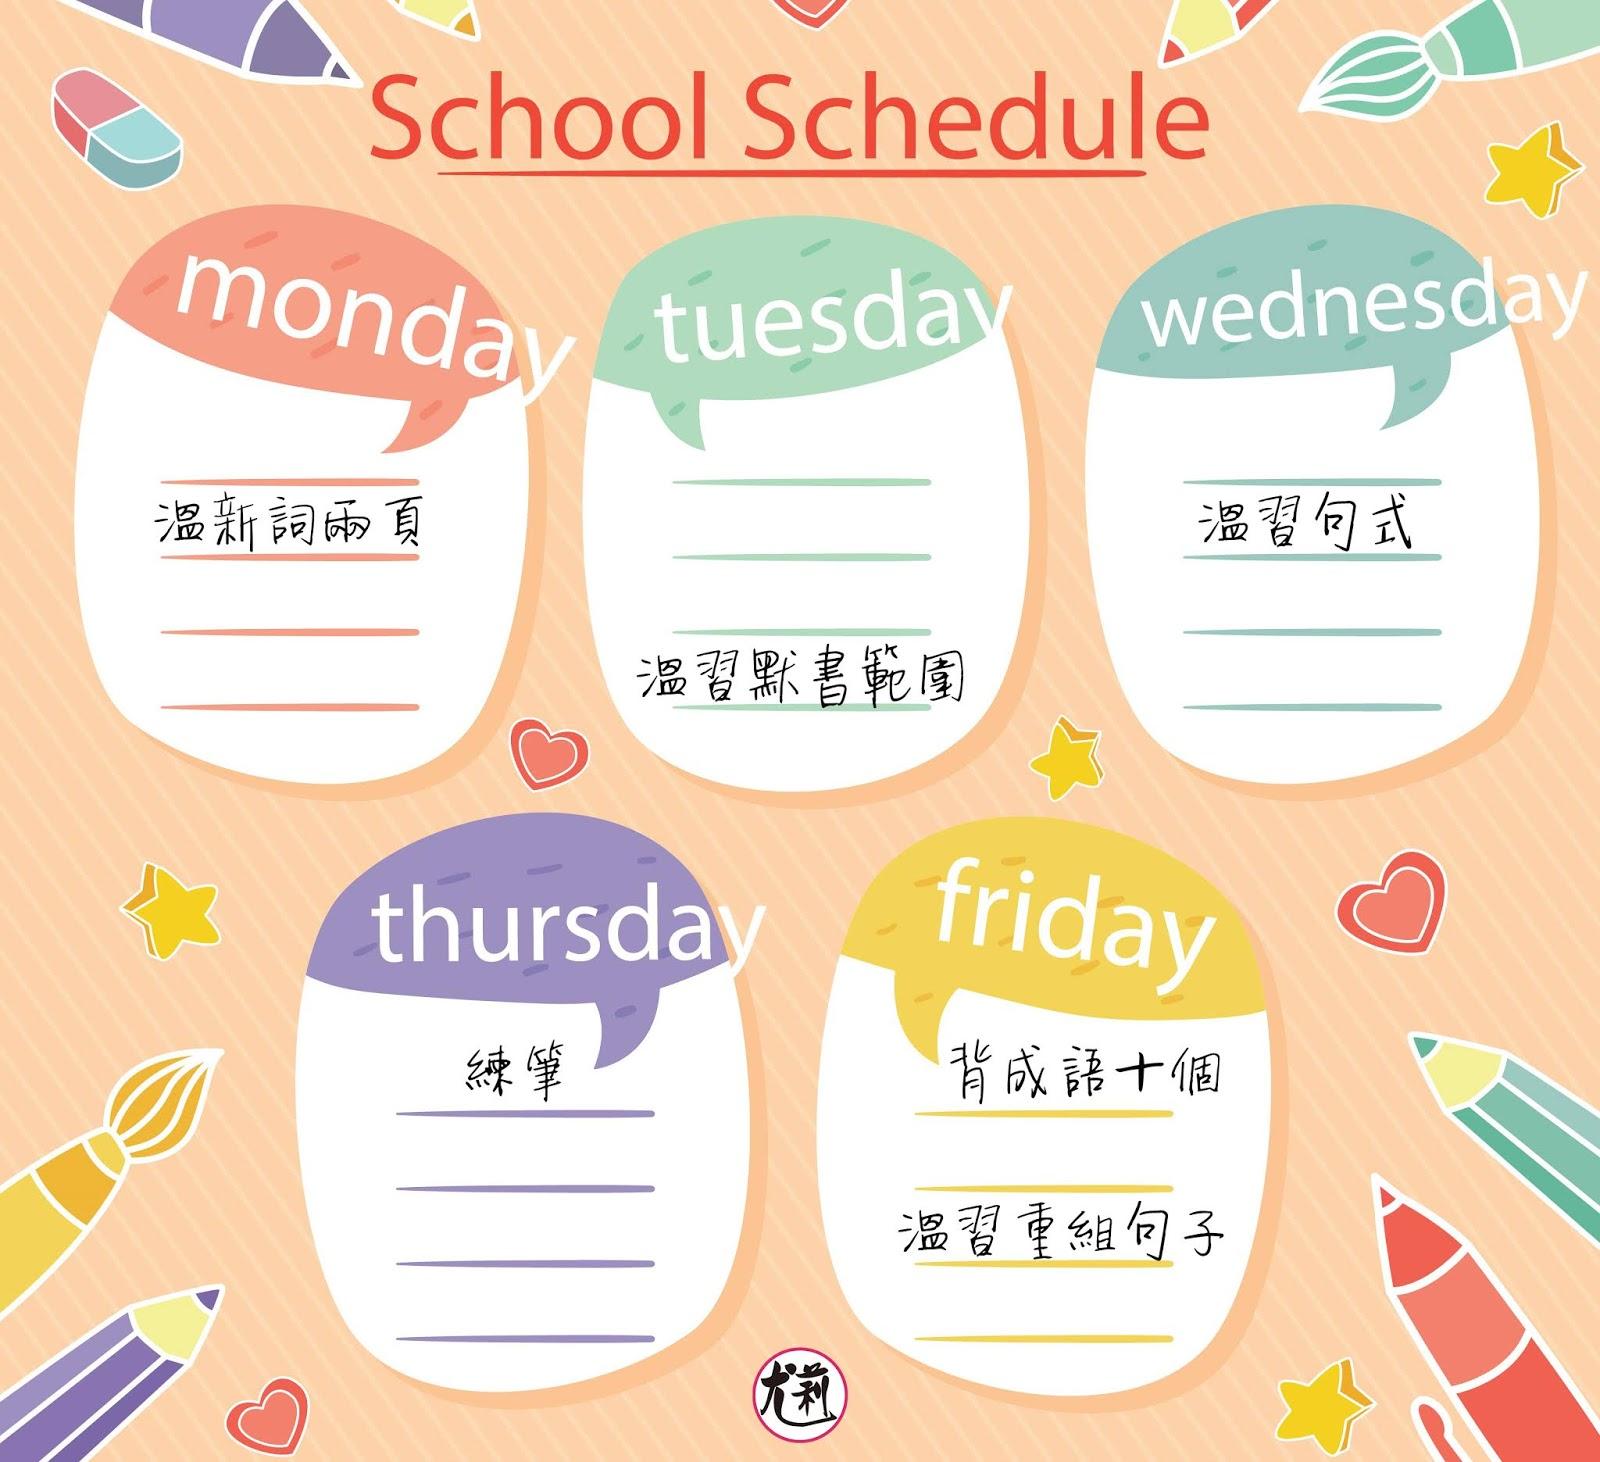 與孩子製作平日溫習時間表,培養自律好習慣!|授業手記|尤莉姐姐的反轉學堂